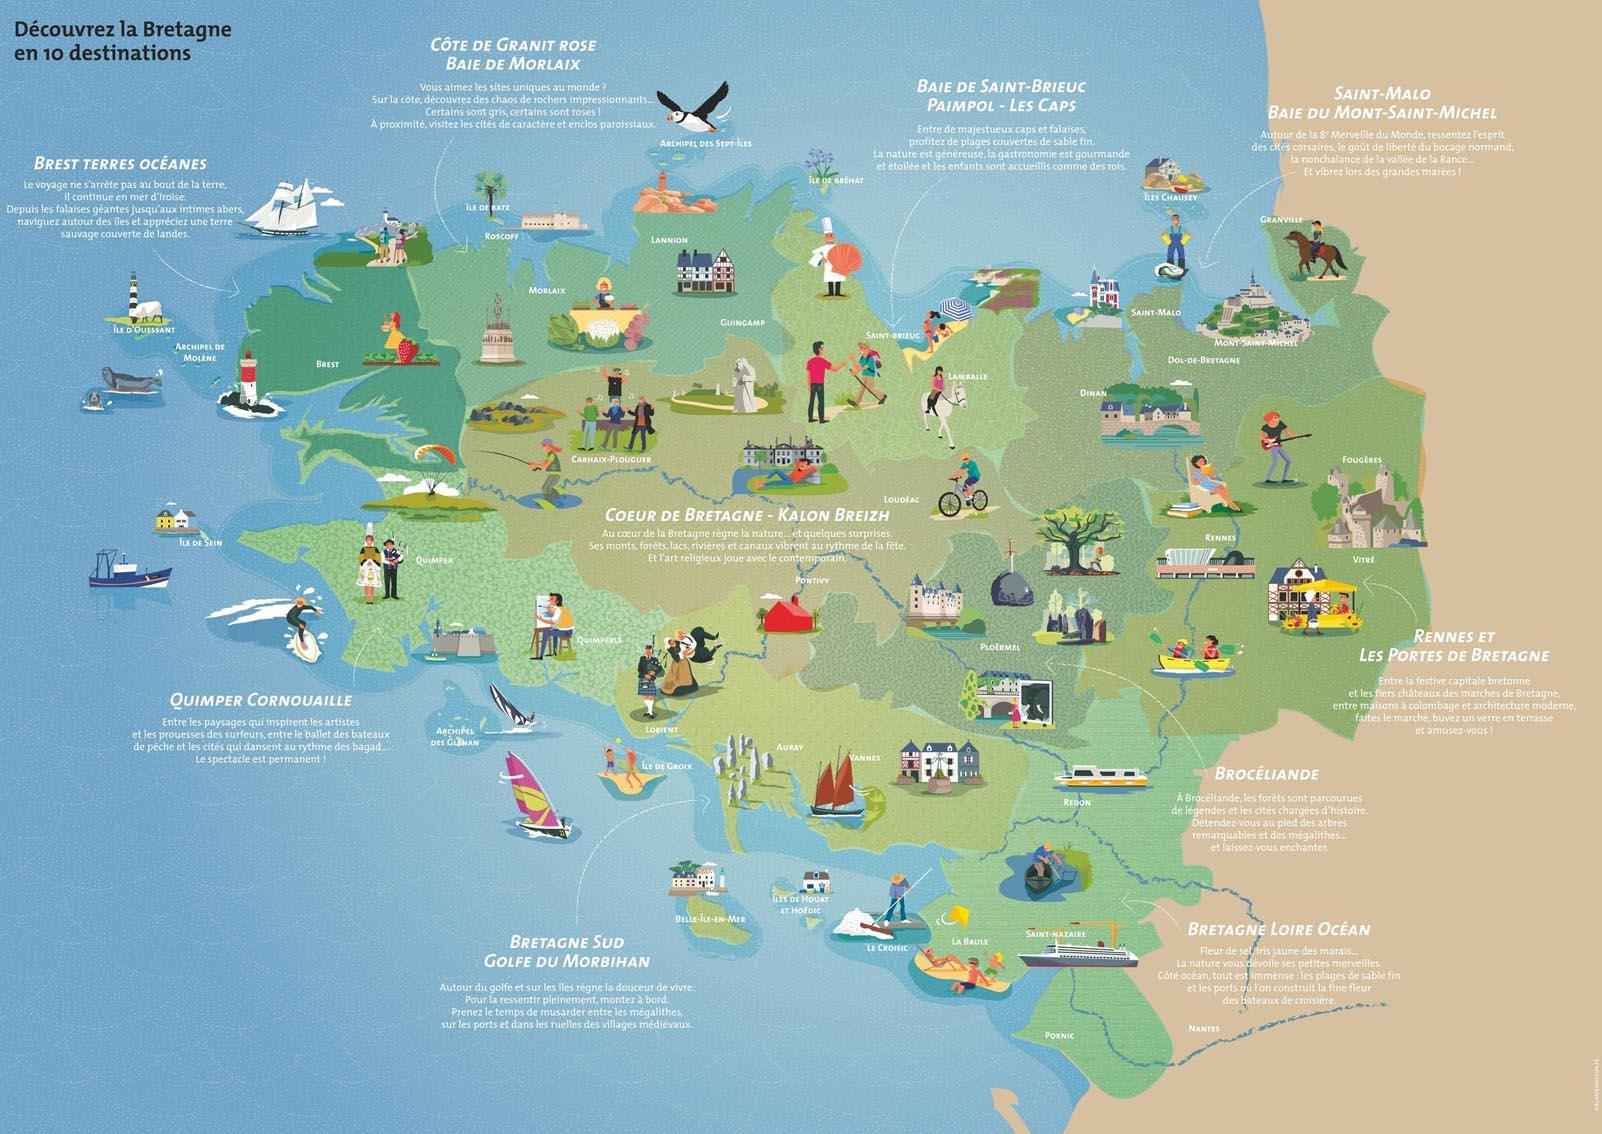 Les 10 destinations touristiques de Bretagne - Le site officiel de la FFRandonnée Bretagne